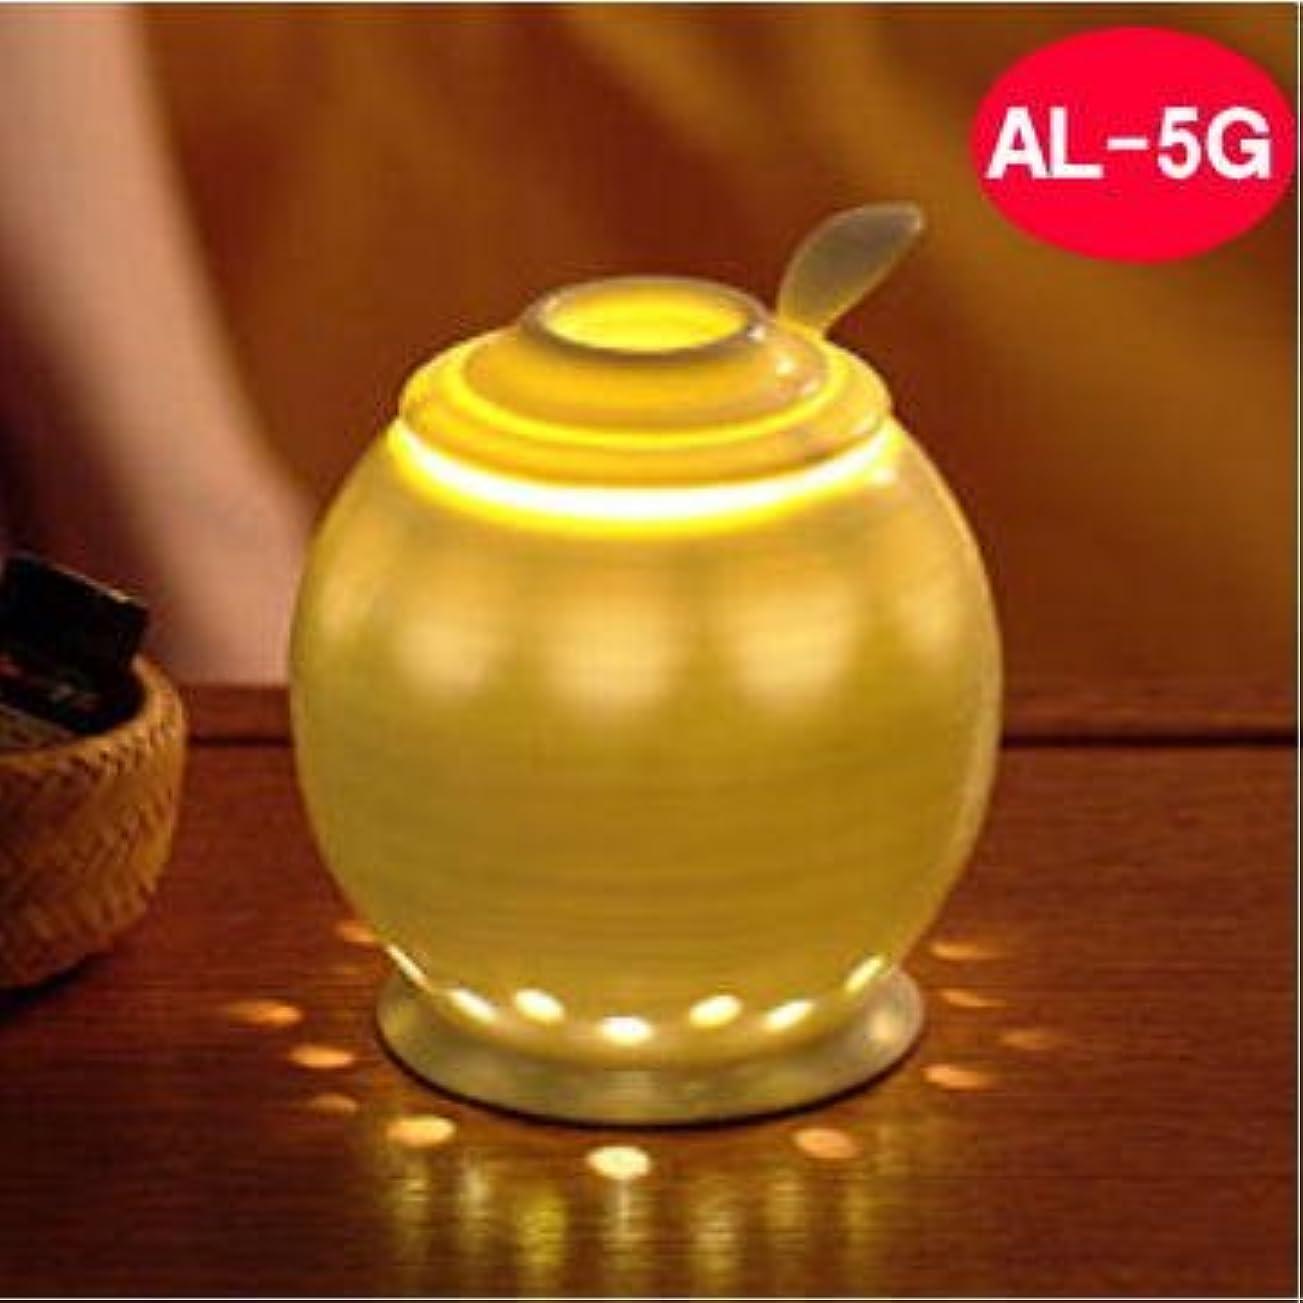 クラックポット上に築きます適用済み茶香炉 電気式 アロマ 茶香炉 茶葉 アロマライト ジャテックス  AL-5G